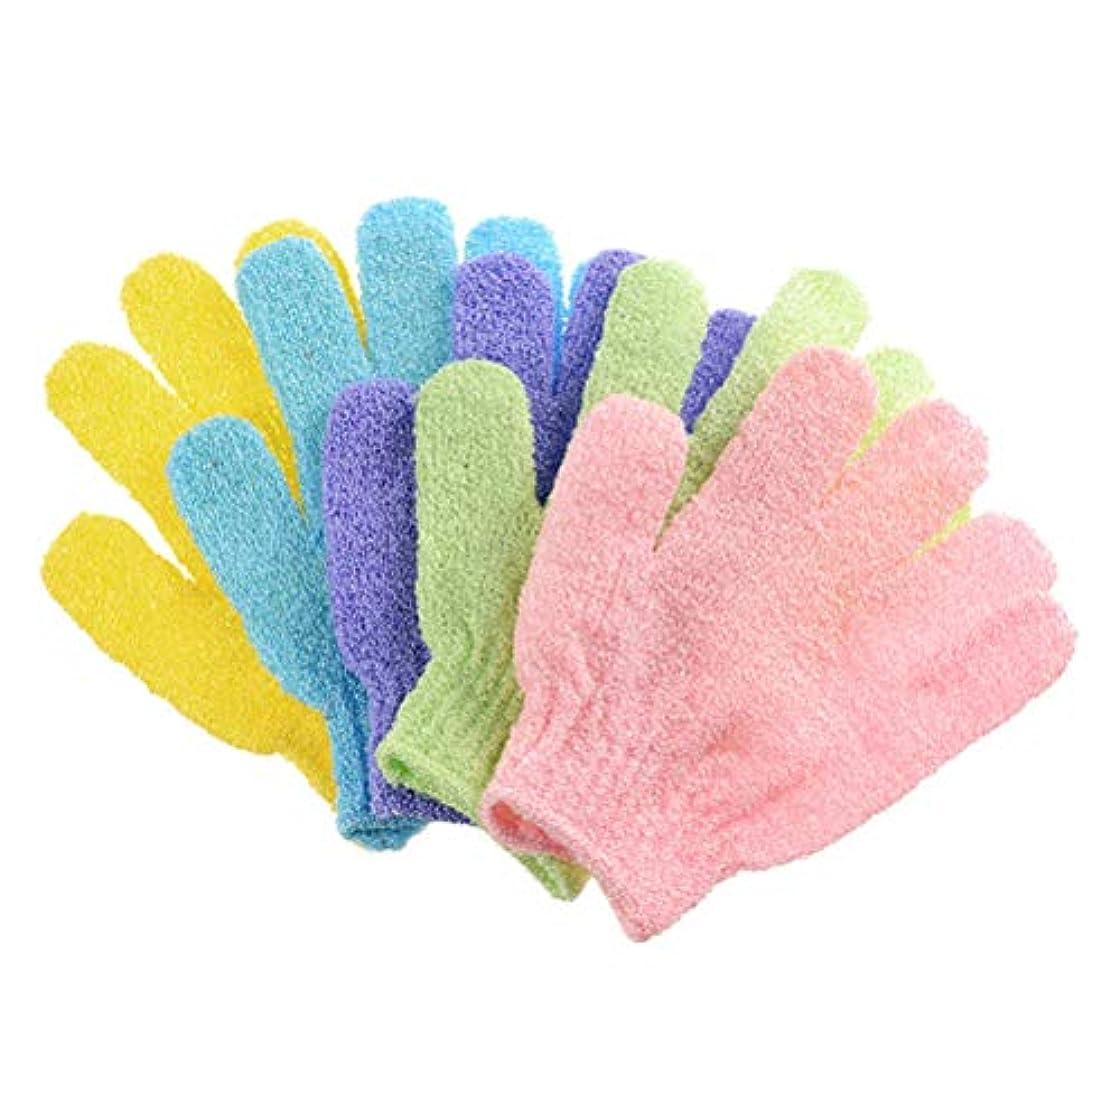 アナニバー壊す罹患率TOPBATHY 20ピースバスウォッシュタオル剥離バスクロス手袋バックスクラバーバスクロスタオルボディ用入浴用シャワースパ(混色)